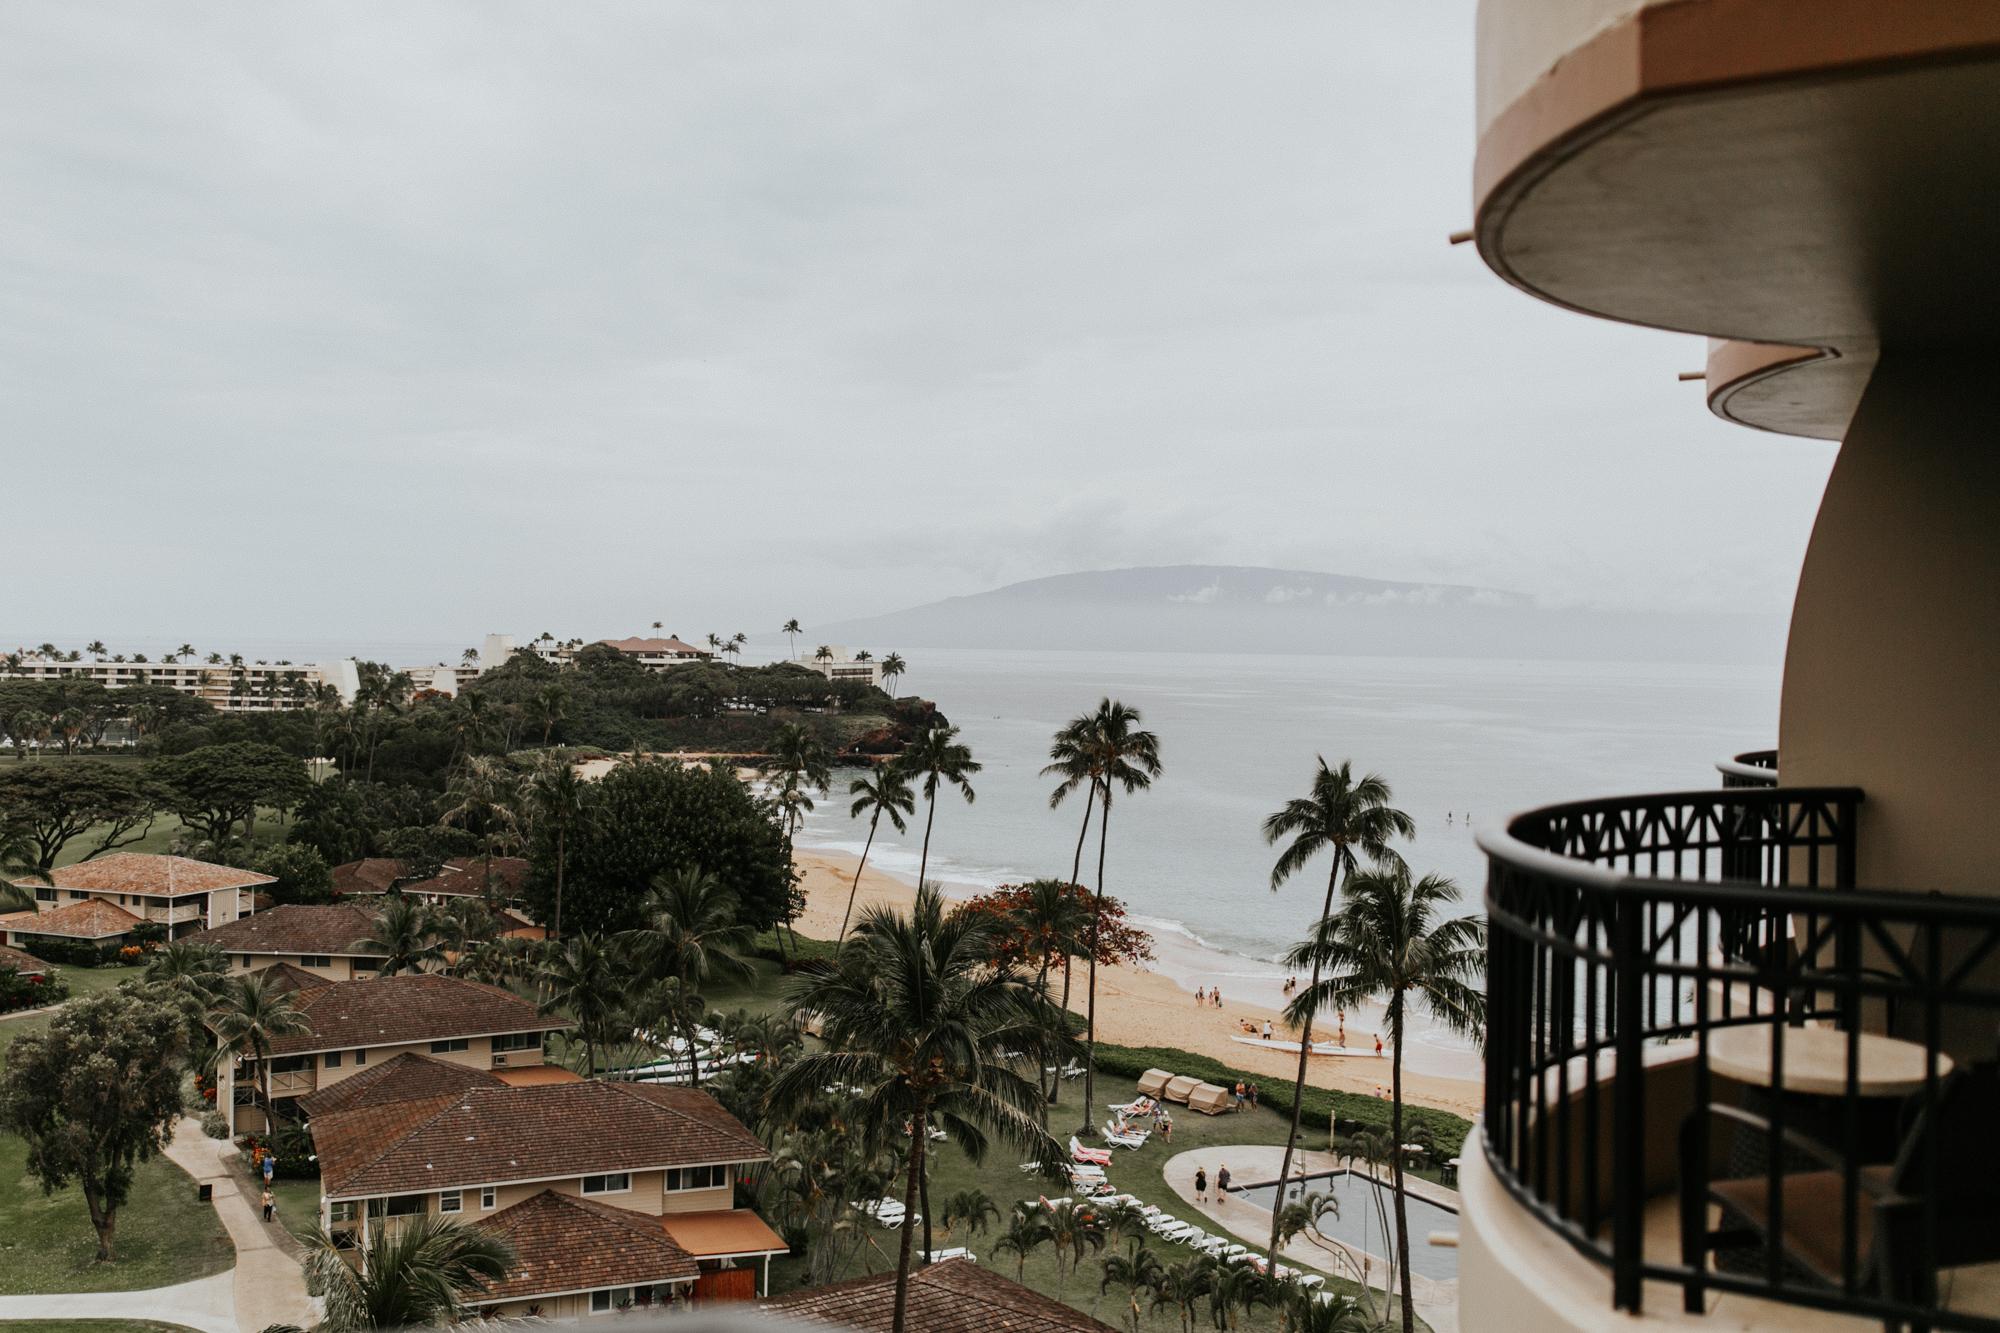 destination-wedding-photographer-hawaii-maui-elopement-1.jpg